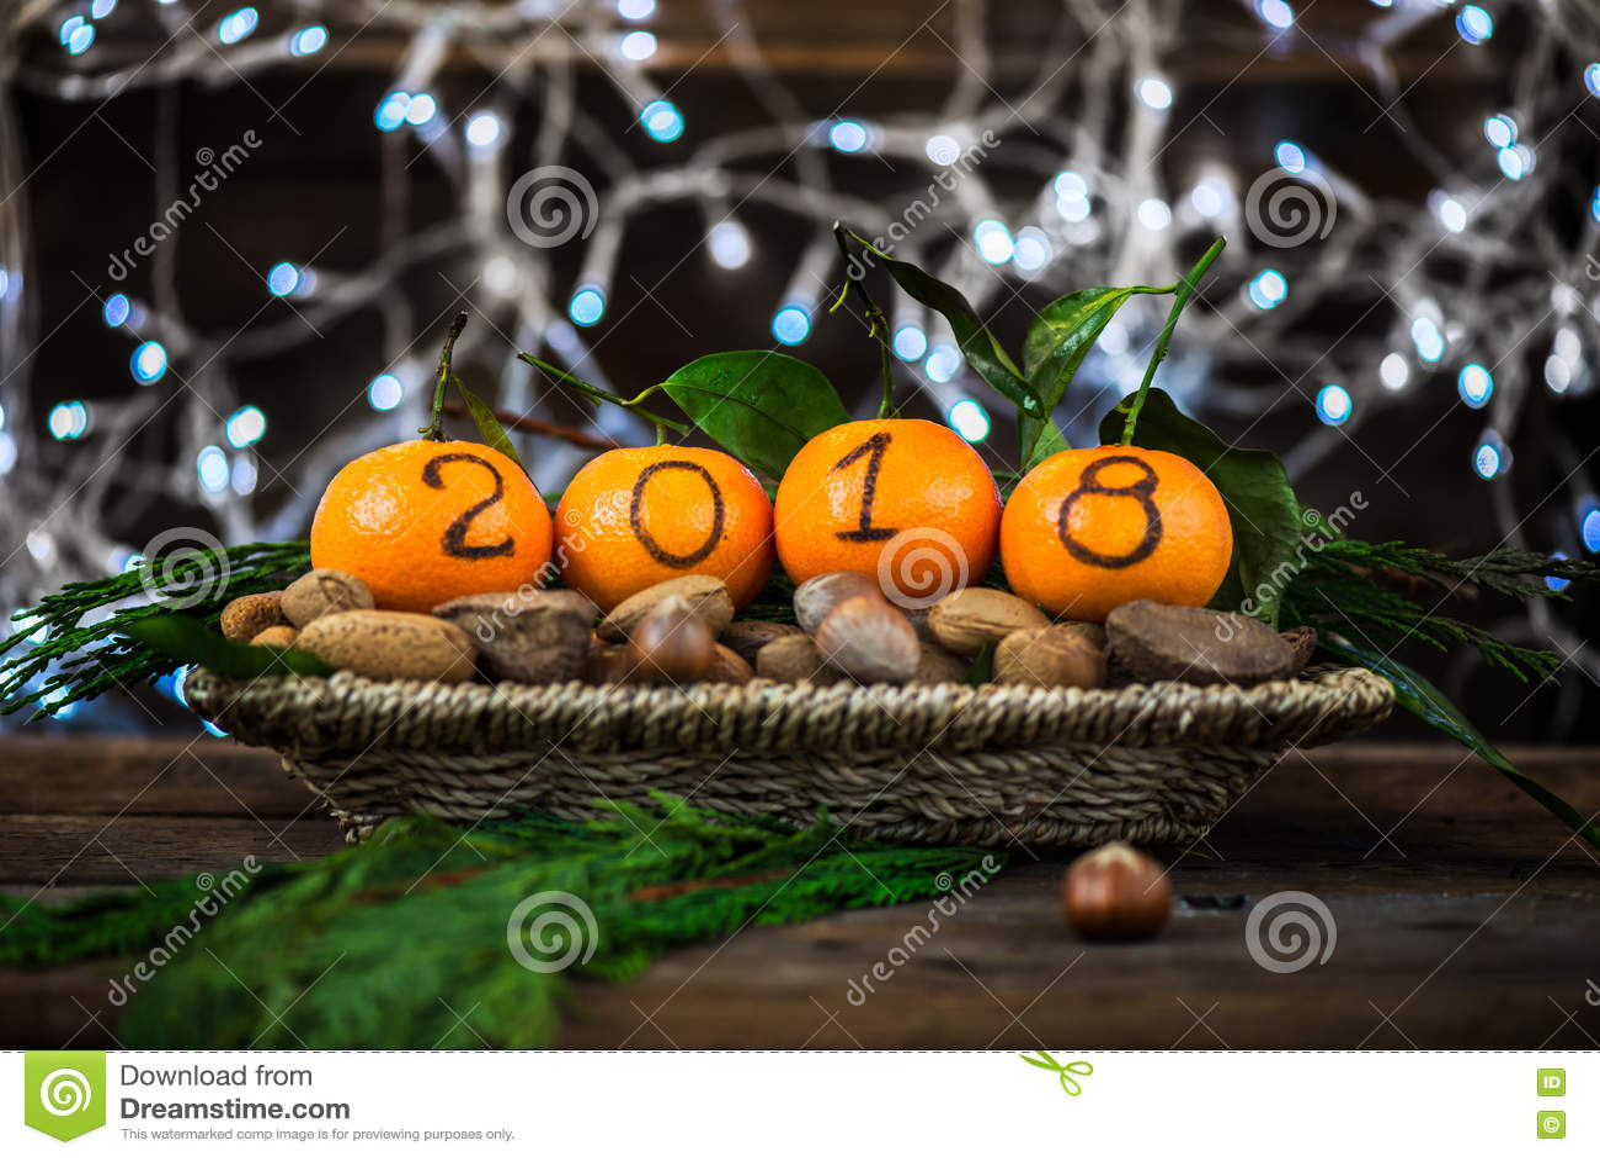 Новый Год 2018 приходя концепция